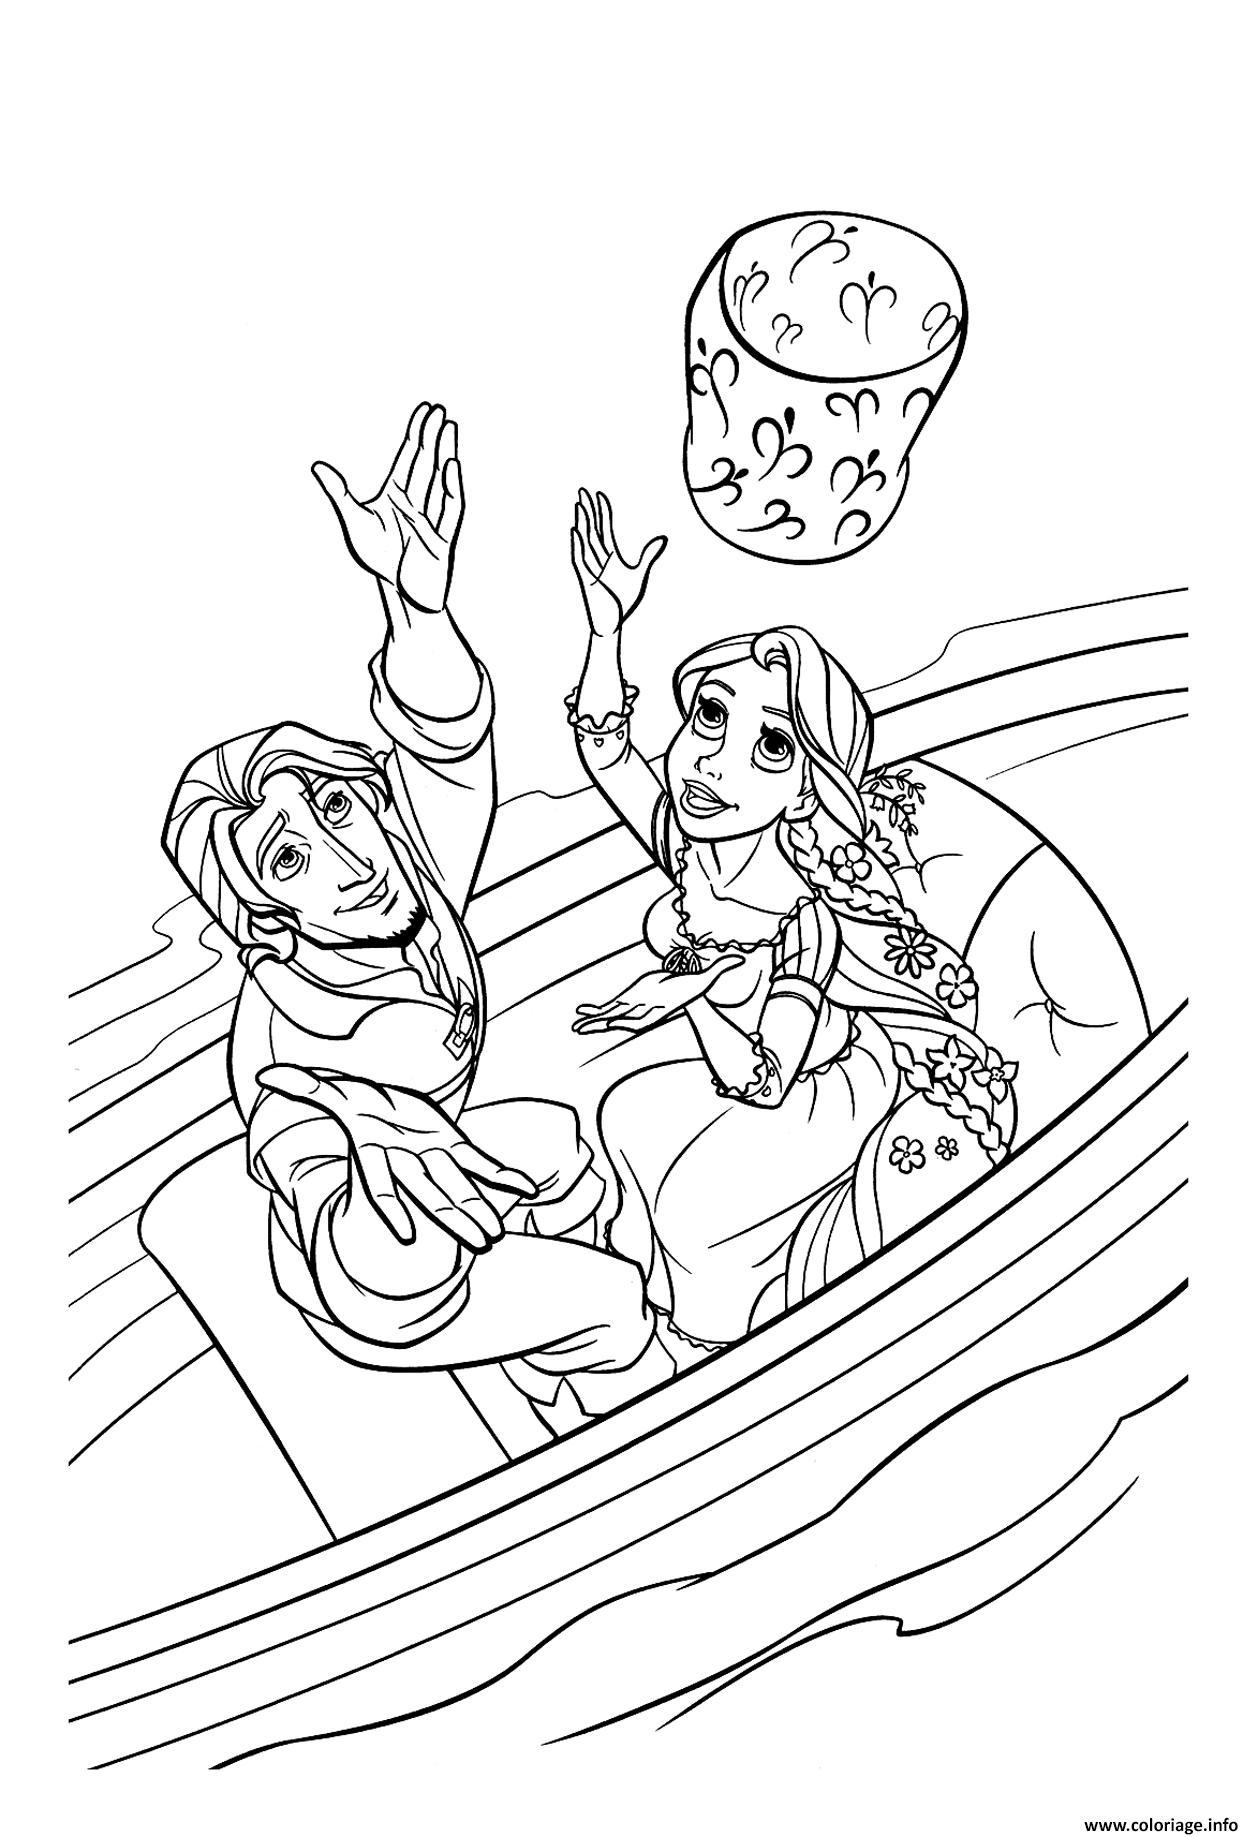 coloriage raiponce et flynn son prince dessin gratuit